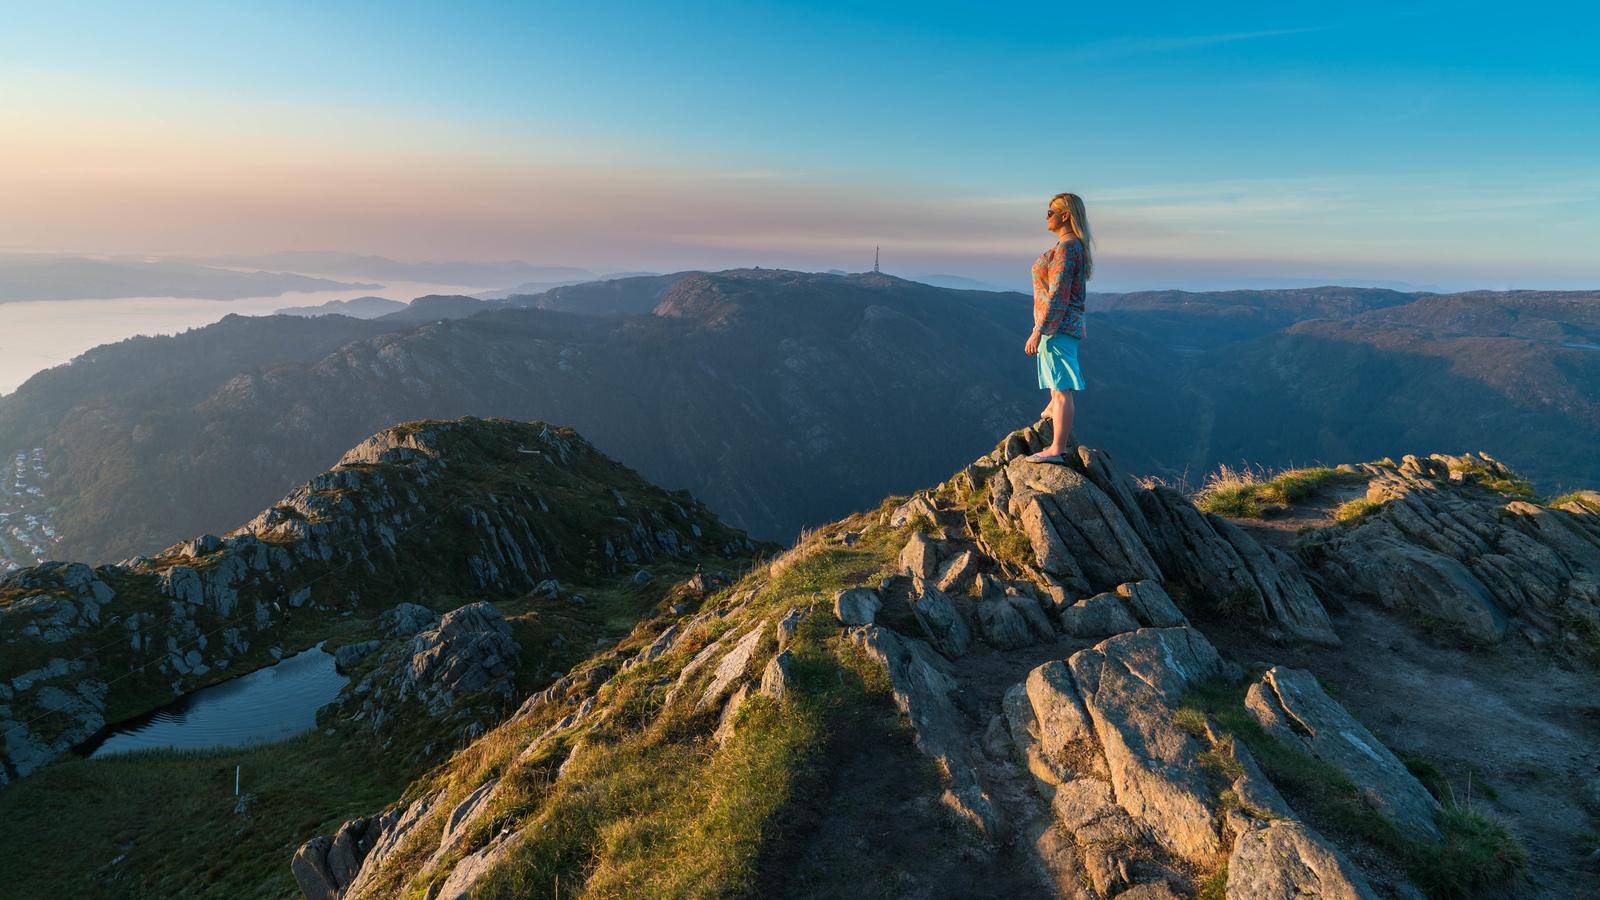 mount urliken bergen norway